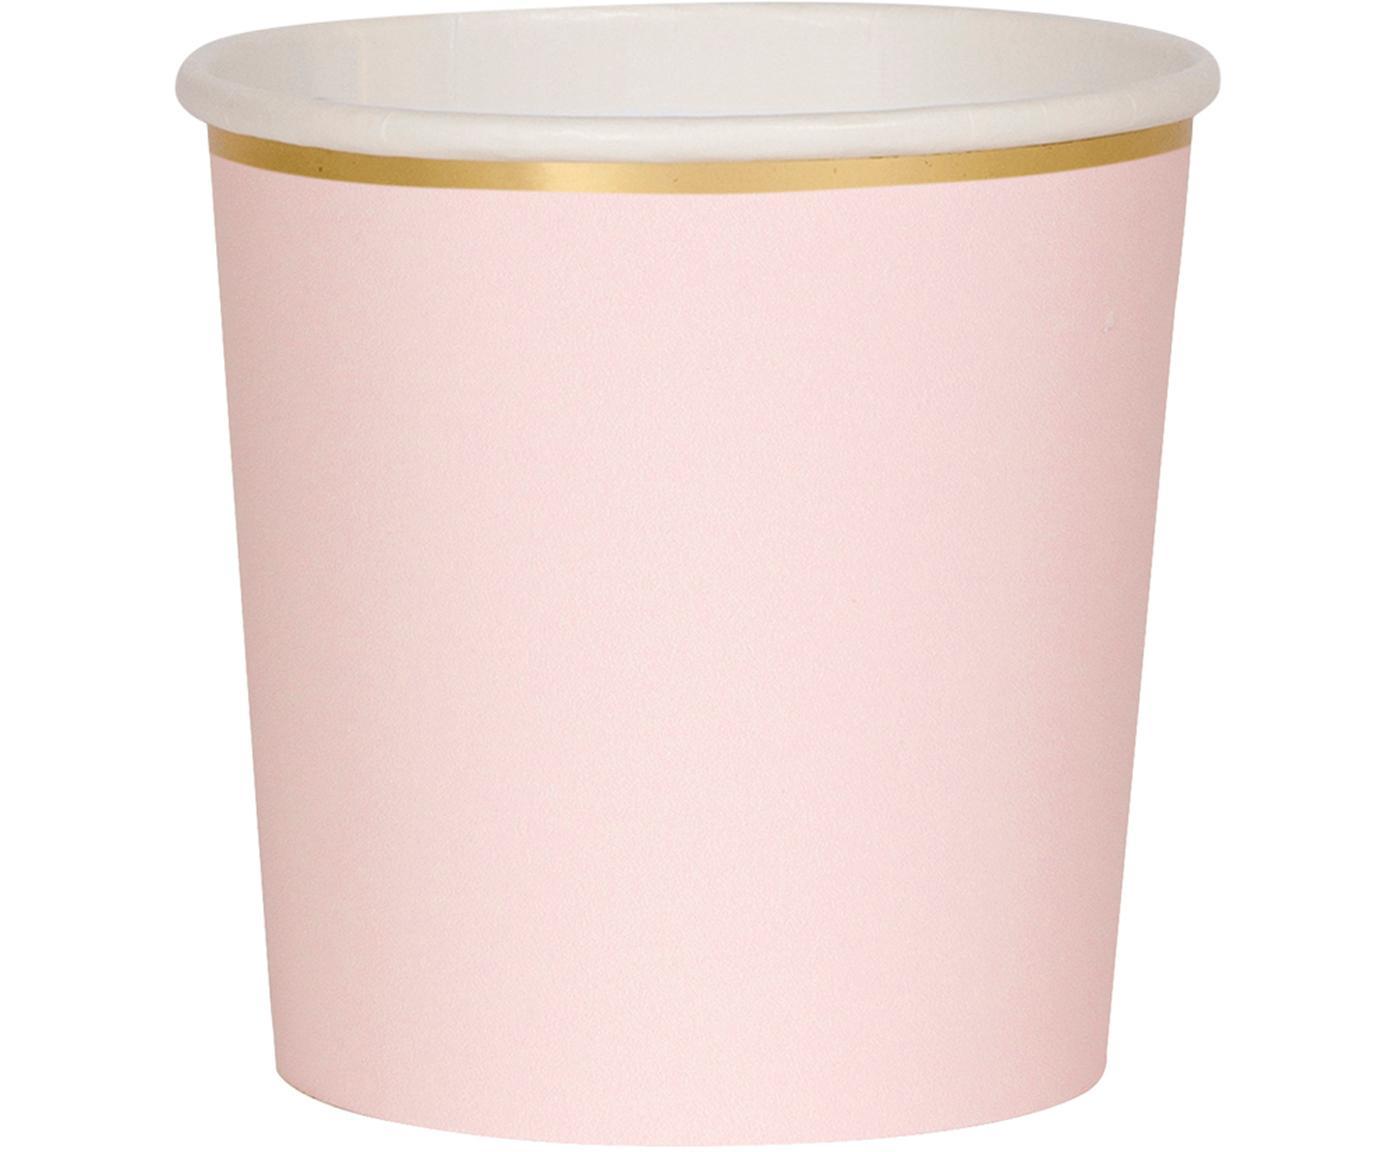 Kubek z papieru Simply Eco, 8 szt., Papier, foliowany, Blady różowy, Ø 8 x W 8 cm